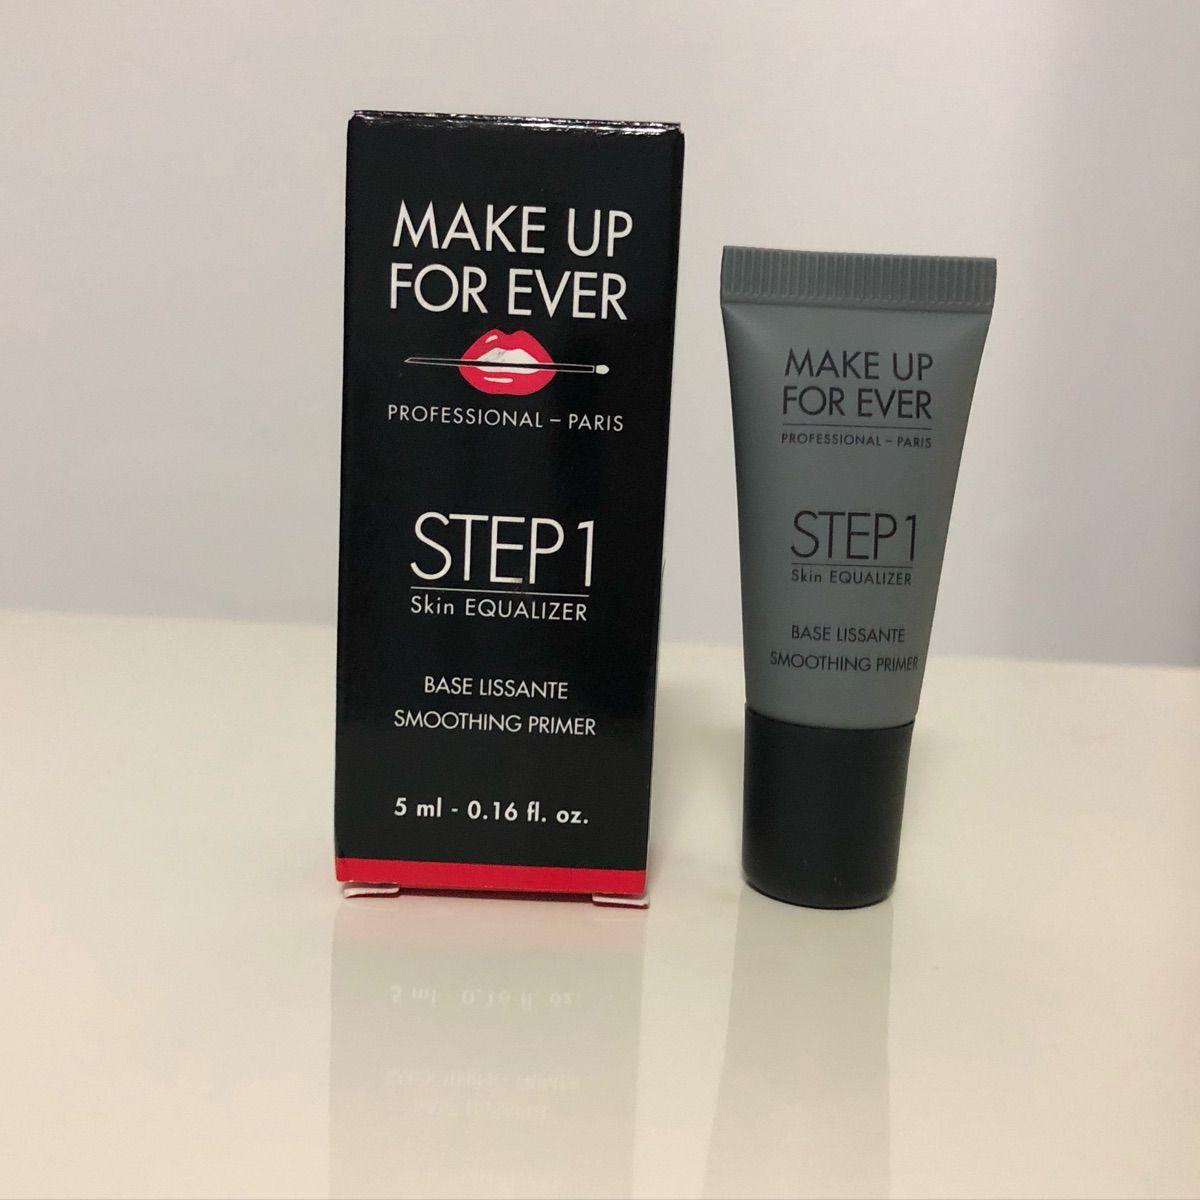 Primer Pré Maquiagem Step1 Skin Equalizer - Makeup For Ever